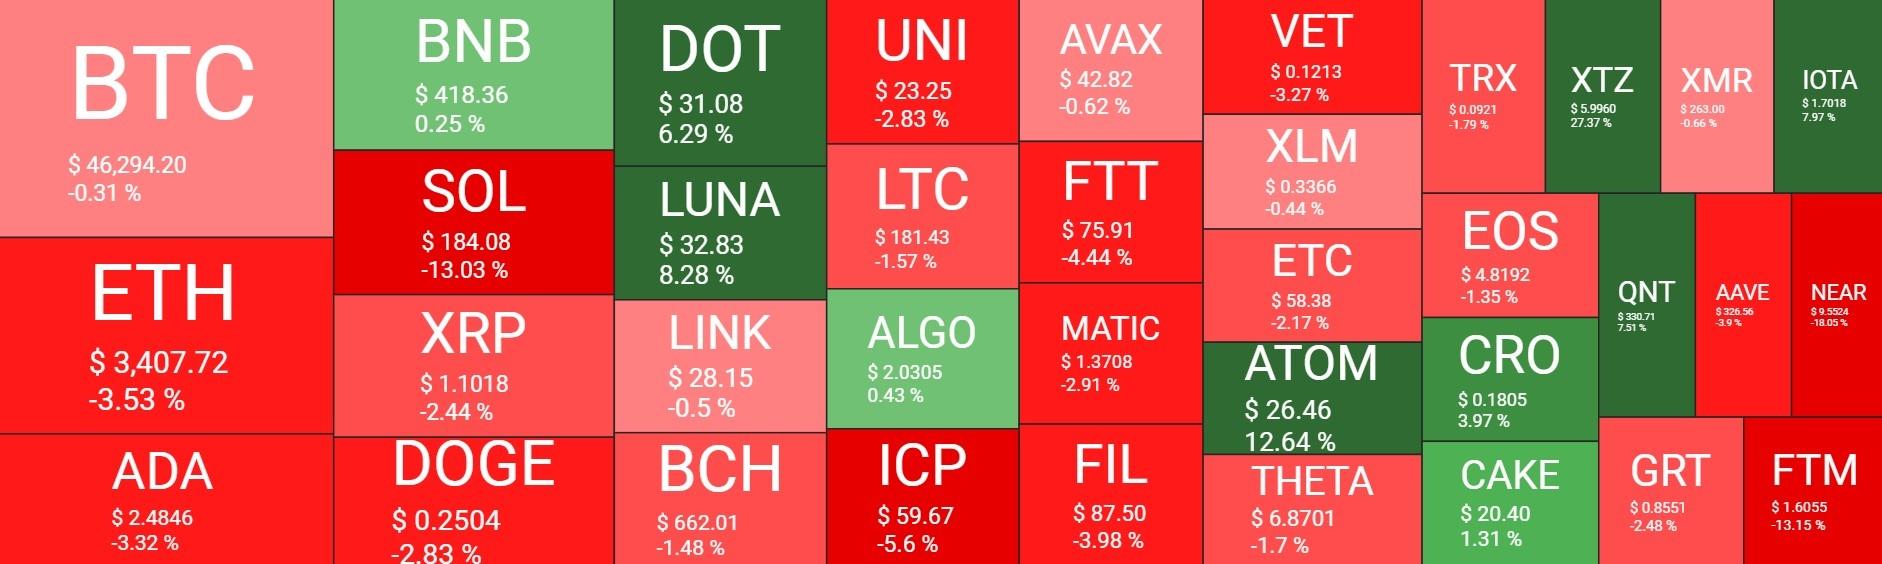 بازار19 - نگاهی کلی به وضعیت امروز بازار رمزارزها (19شهریور)